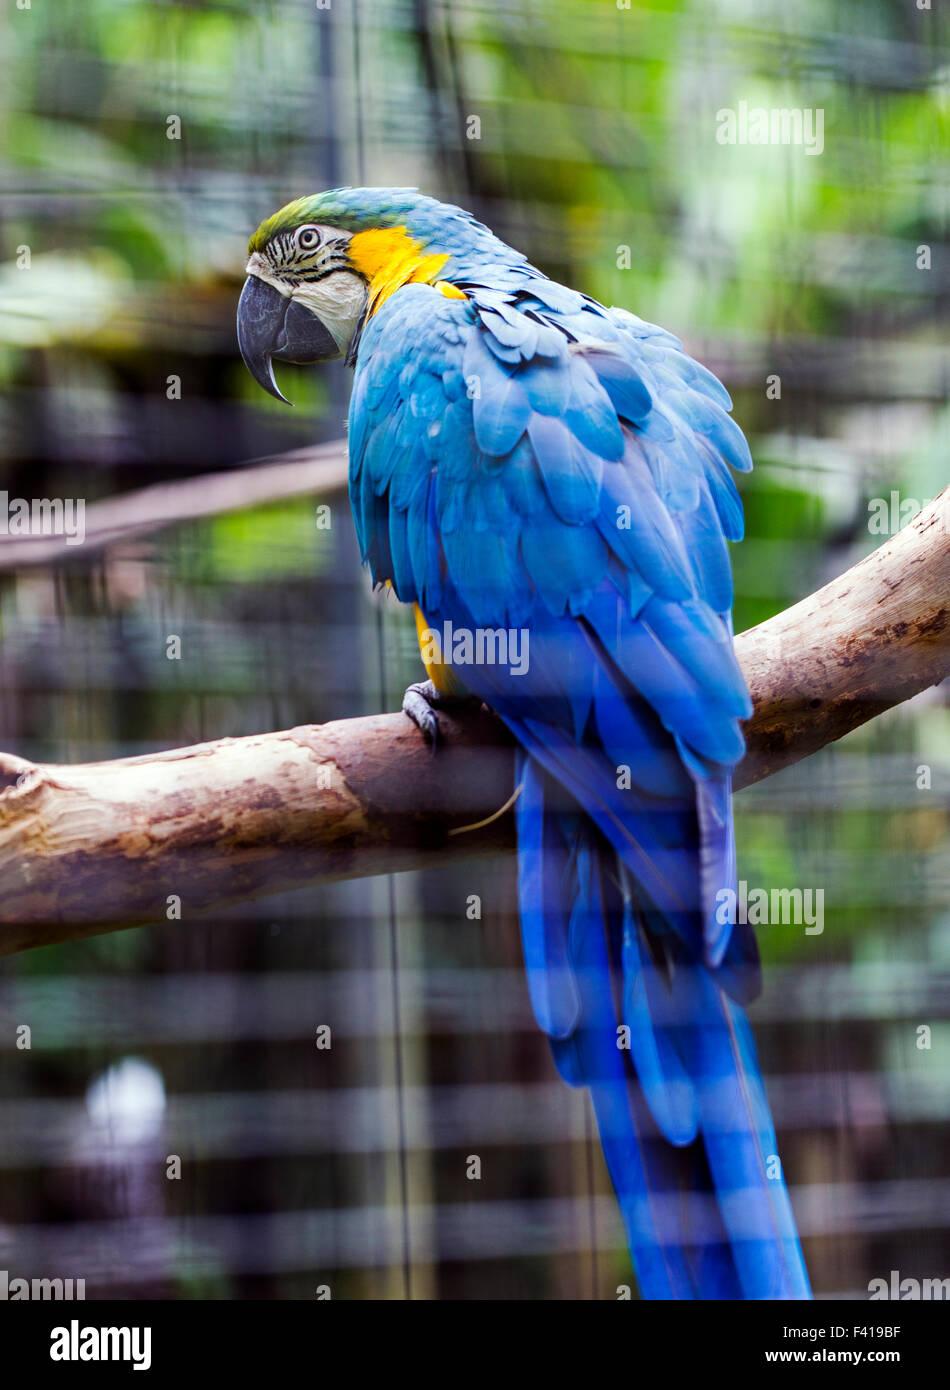 Pappagallo colorato, Hawai'i Tropicale Giardino Botanico Nature Preserve; grande isola, Hawaii, STATI UNITI Immagini Stock